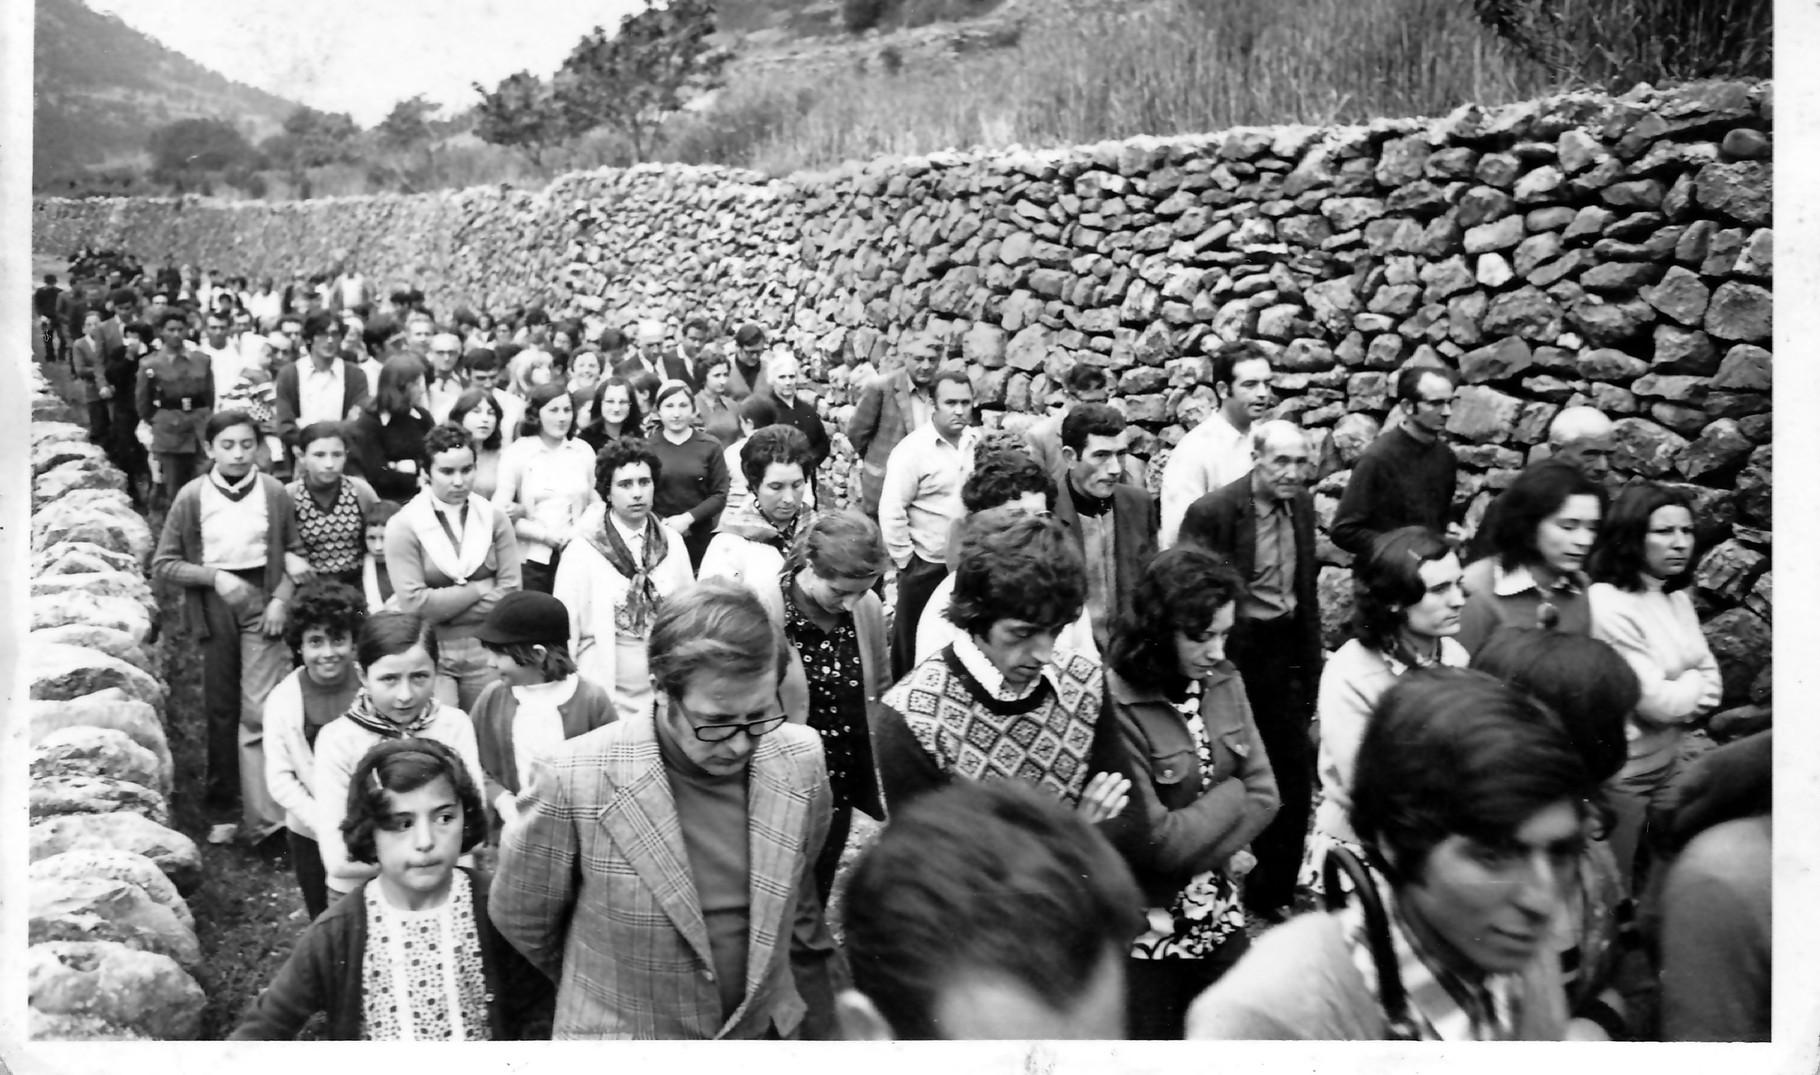 Llegada de la romería a La Estrella. Año 1974